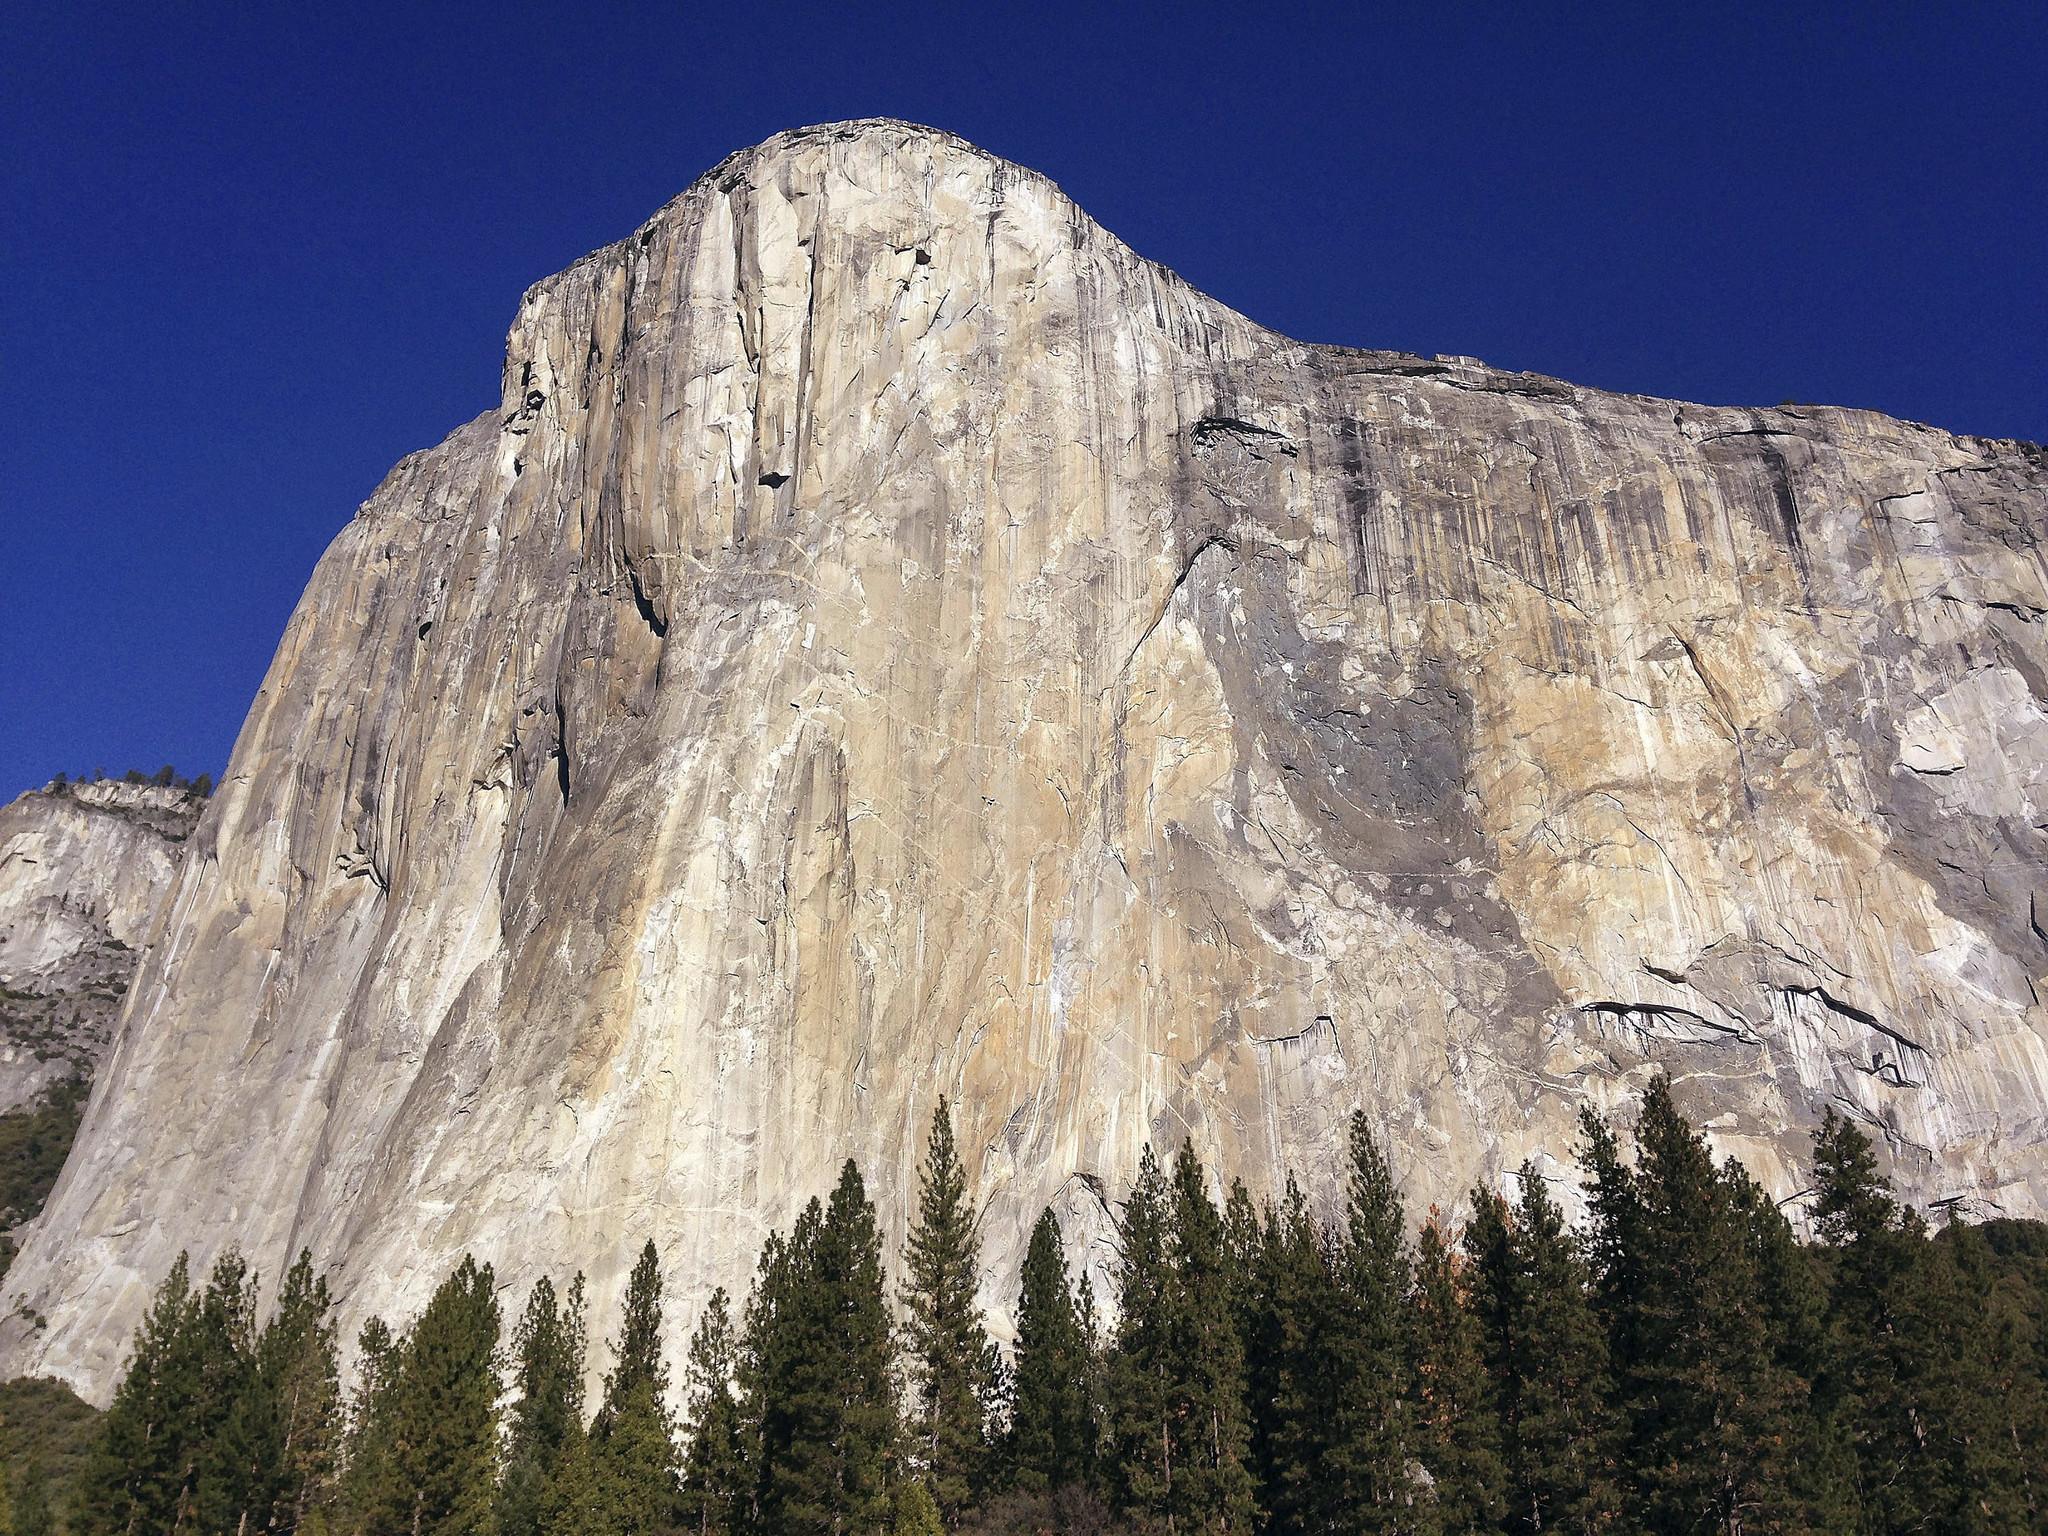 yosemite national park christian single men Yosemite bug rustic mountain resort ligger omgitt av fjell og skog på en 20 hektar stor eiendom i midpines, og tilbyr en kafé på stedet og et stort.